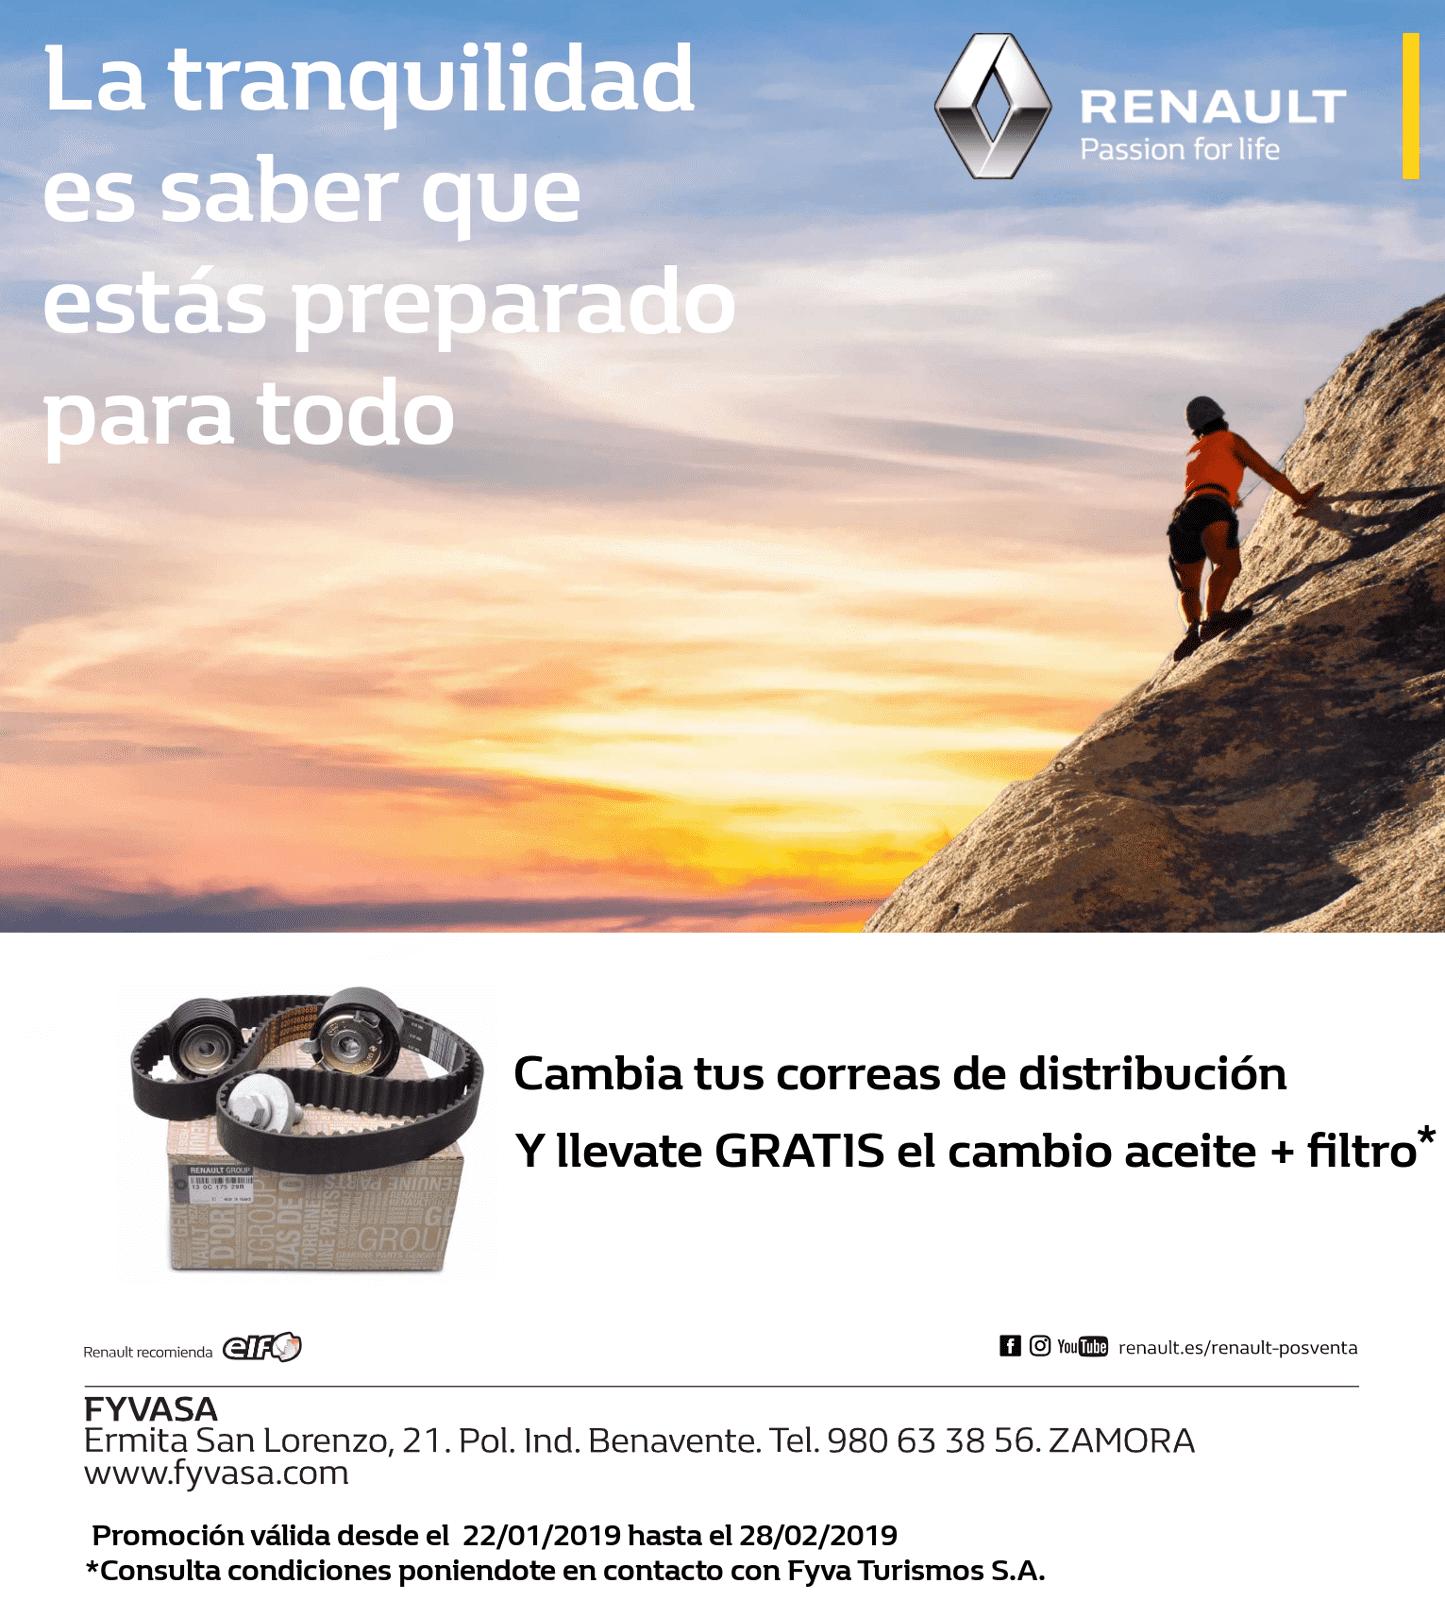 GRATIS CAMBIO DE ACEITE+FILTRO POR LA SUSTITUCIÓN DE LA CORREA DE DISTRIBUCION